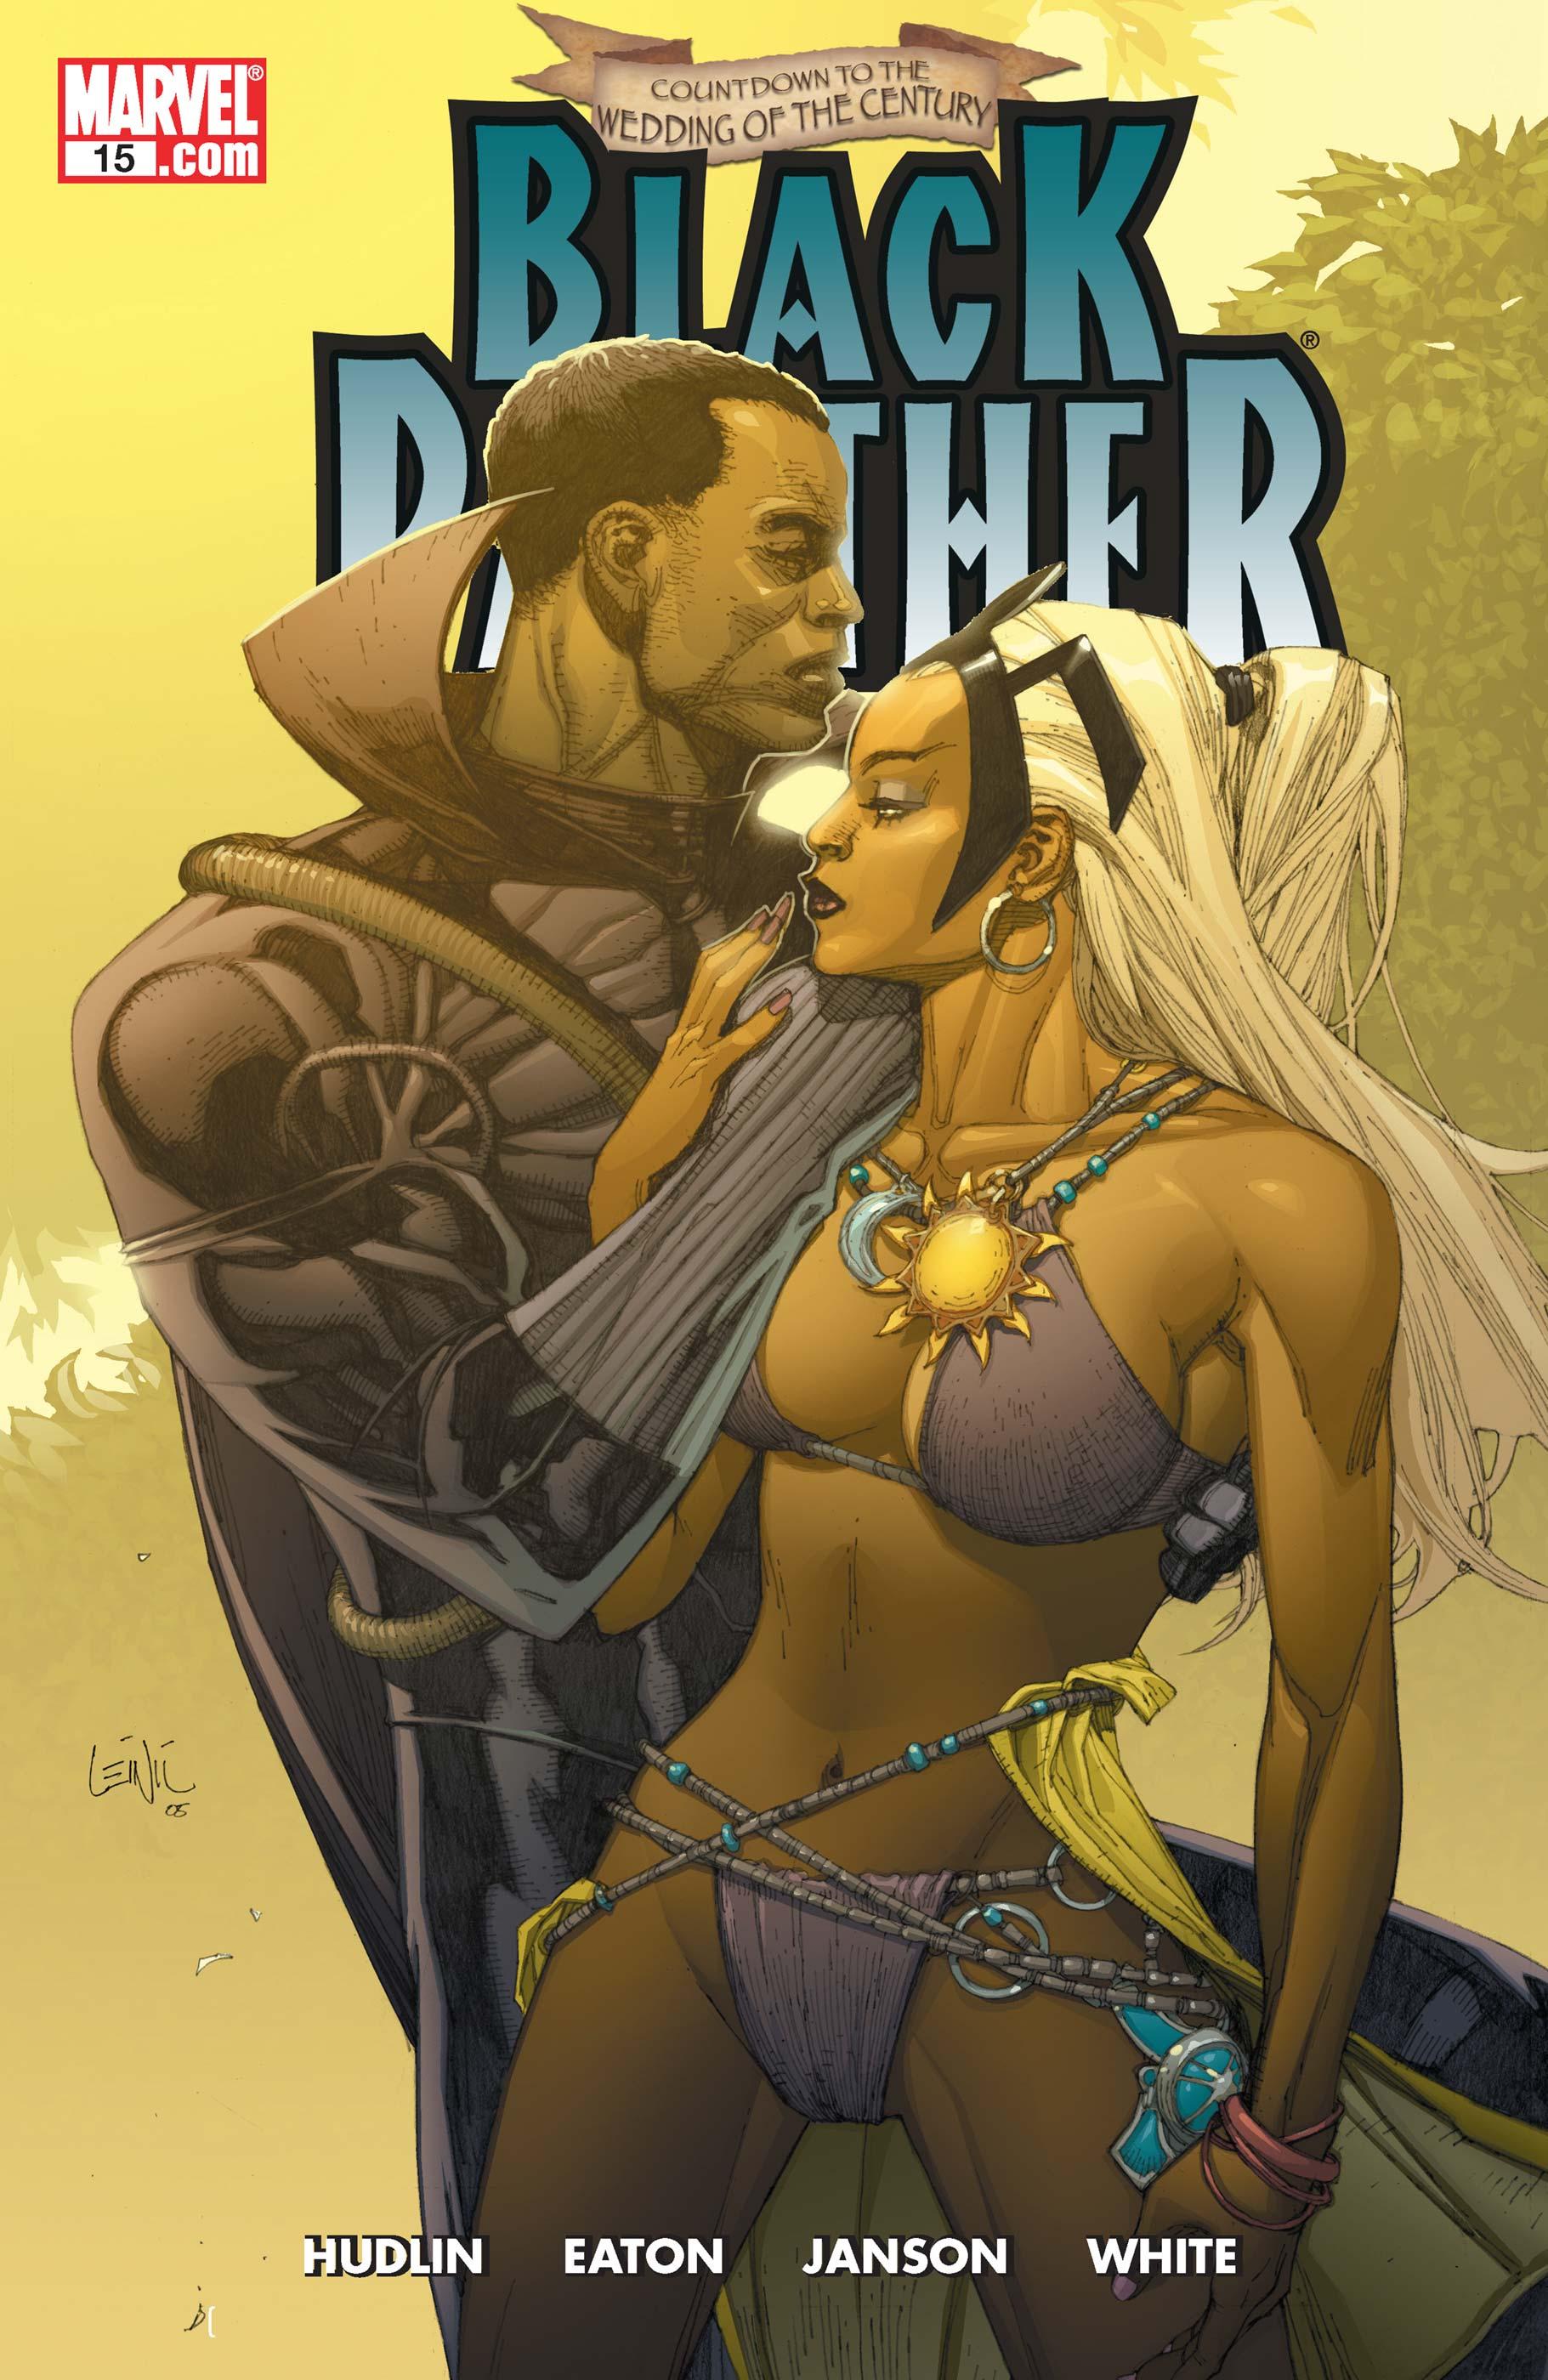 Black Panther (2005) #15